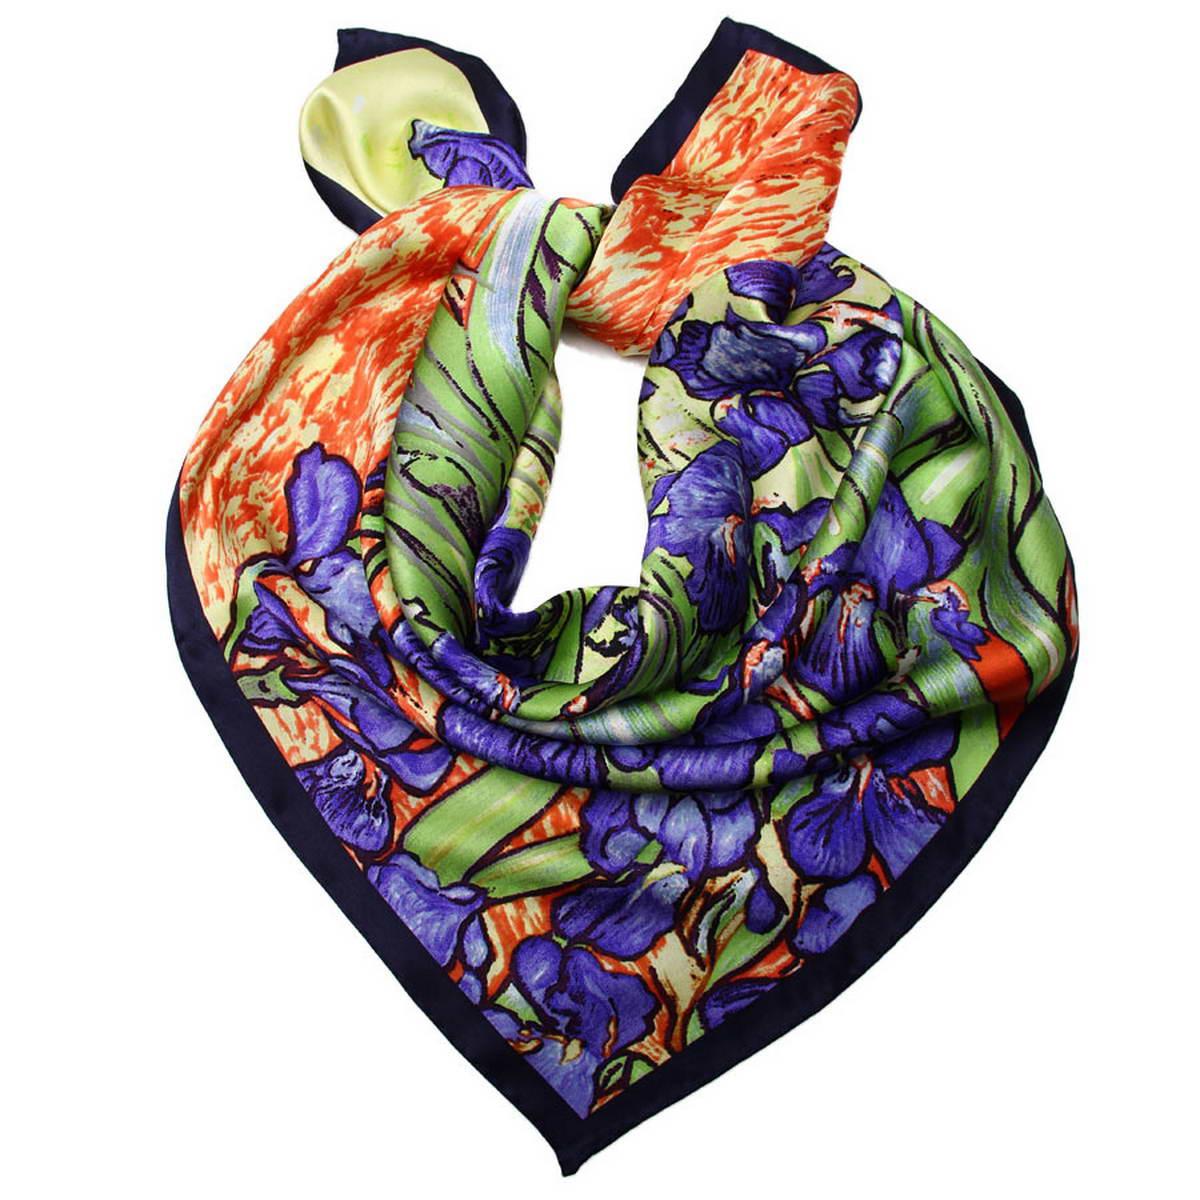 Платок1810912-12Стильный женский платок Venera станет великолепным завершением любого наряда. Платок, изготовленный из 100% шелка, оформлен изображением картины Винсента Ван Гога Ирисы. Классическая квадратная форма позволяет носить платок на шее, украшать им прическу или декорировать сумочку. Легкий и приятный на ощупь платок поможет вам создать изысканный женственный образ. Такой платок превосходно дополнит любой наряд и подчеркнет ваш неповторимый вкус и элегантность.